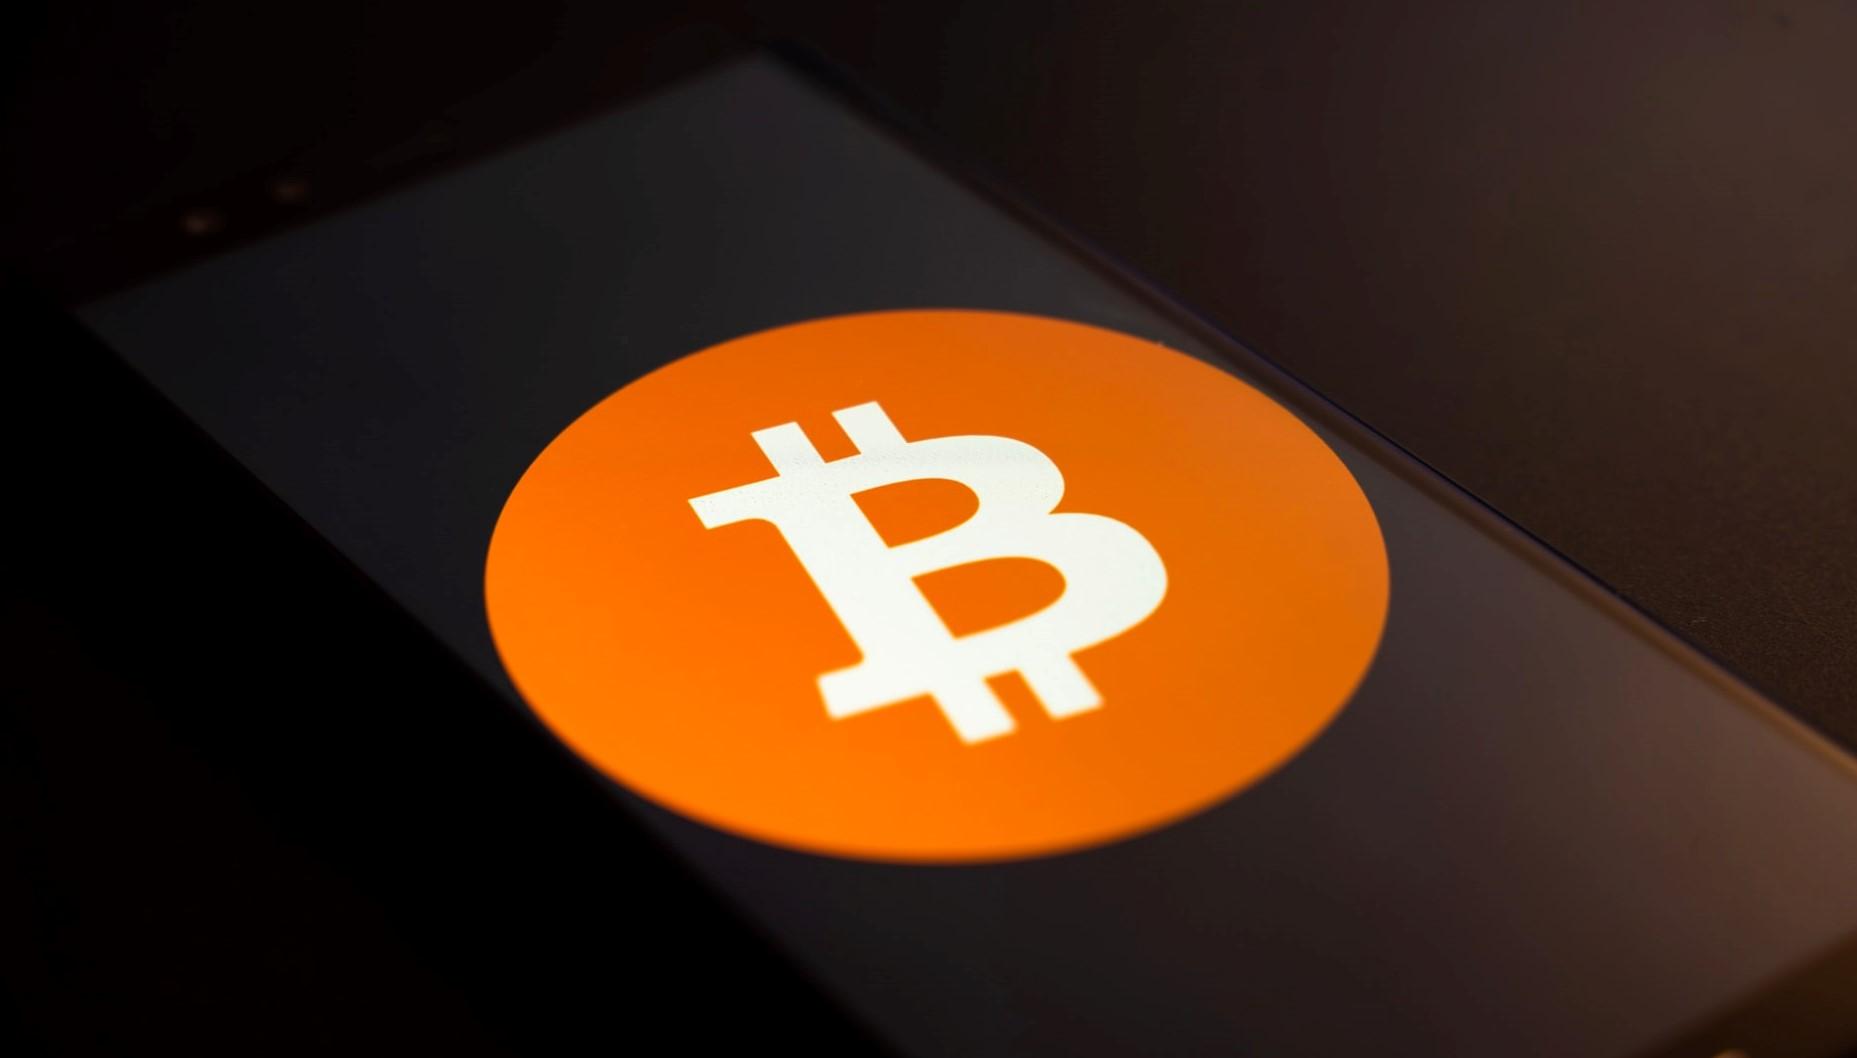 Το Bitcoin βρίσκεται σε κρίσιμο σημείο και θα μπορούσε να γίνει «νόμισμα επιλογής» για το παγκόσμιο εμπόριο, ισχυρίζεται η Citi